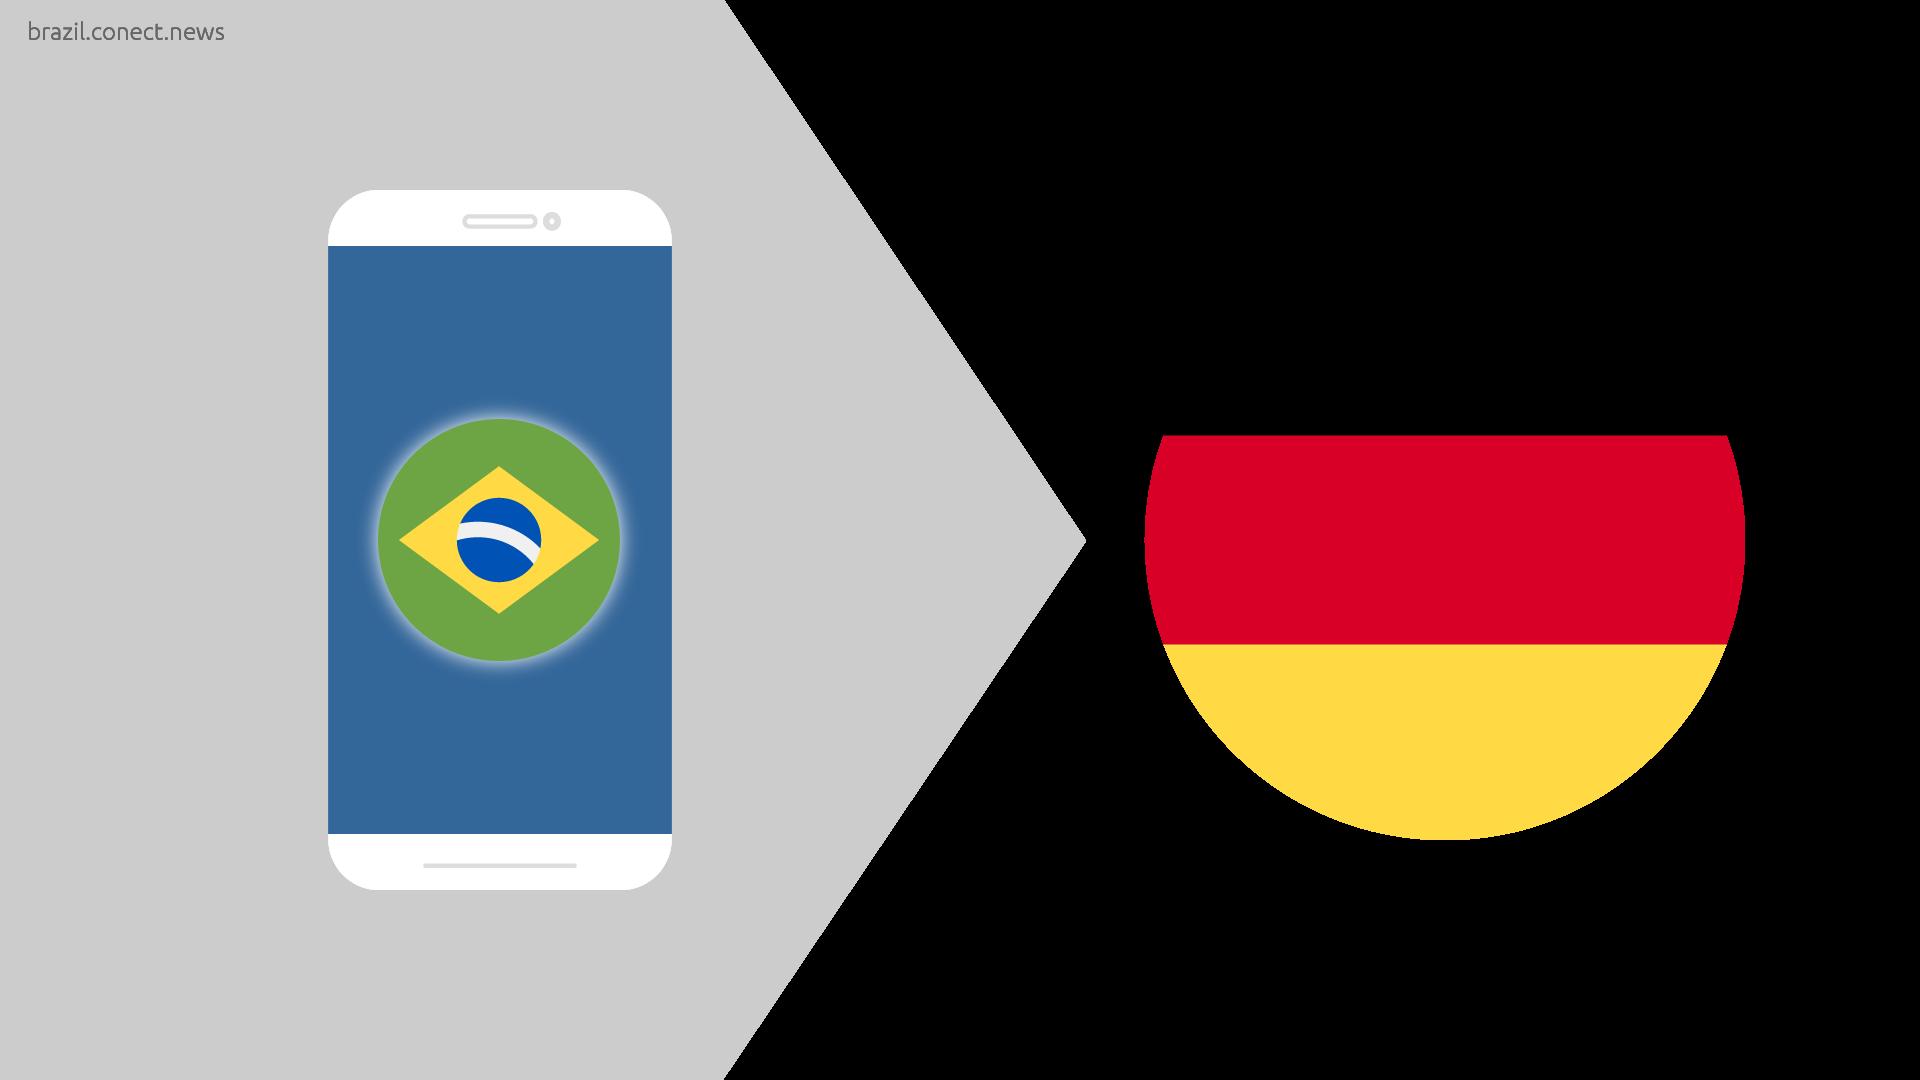 brasilien-deutschland @conect_news